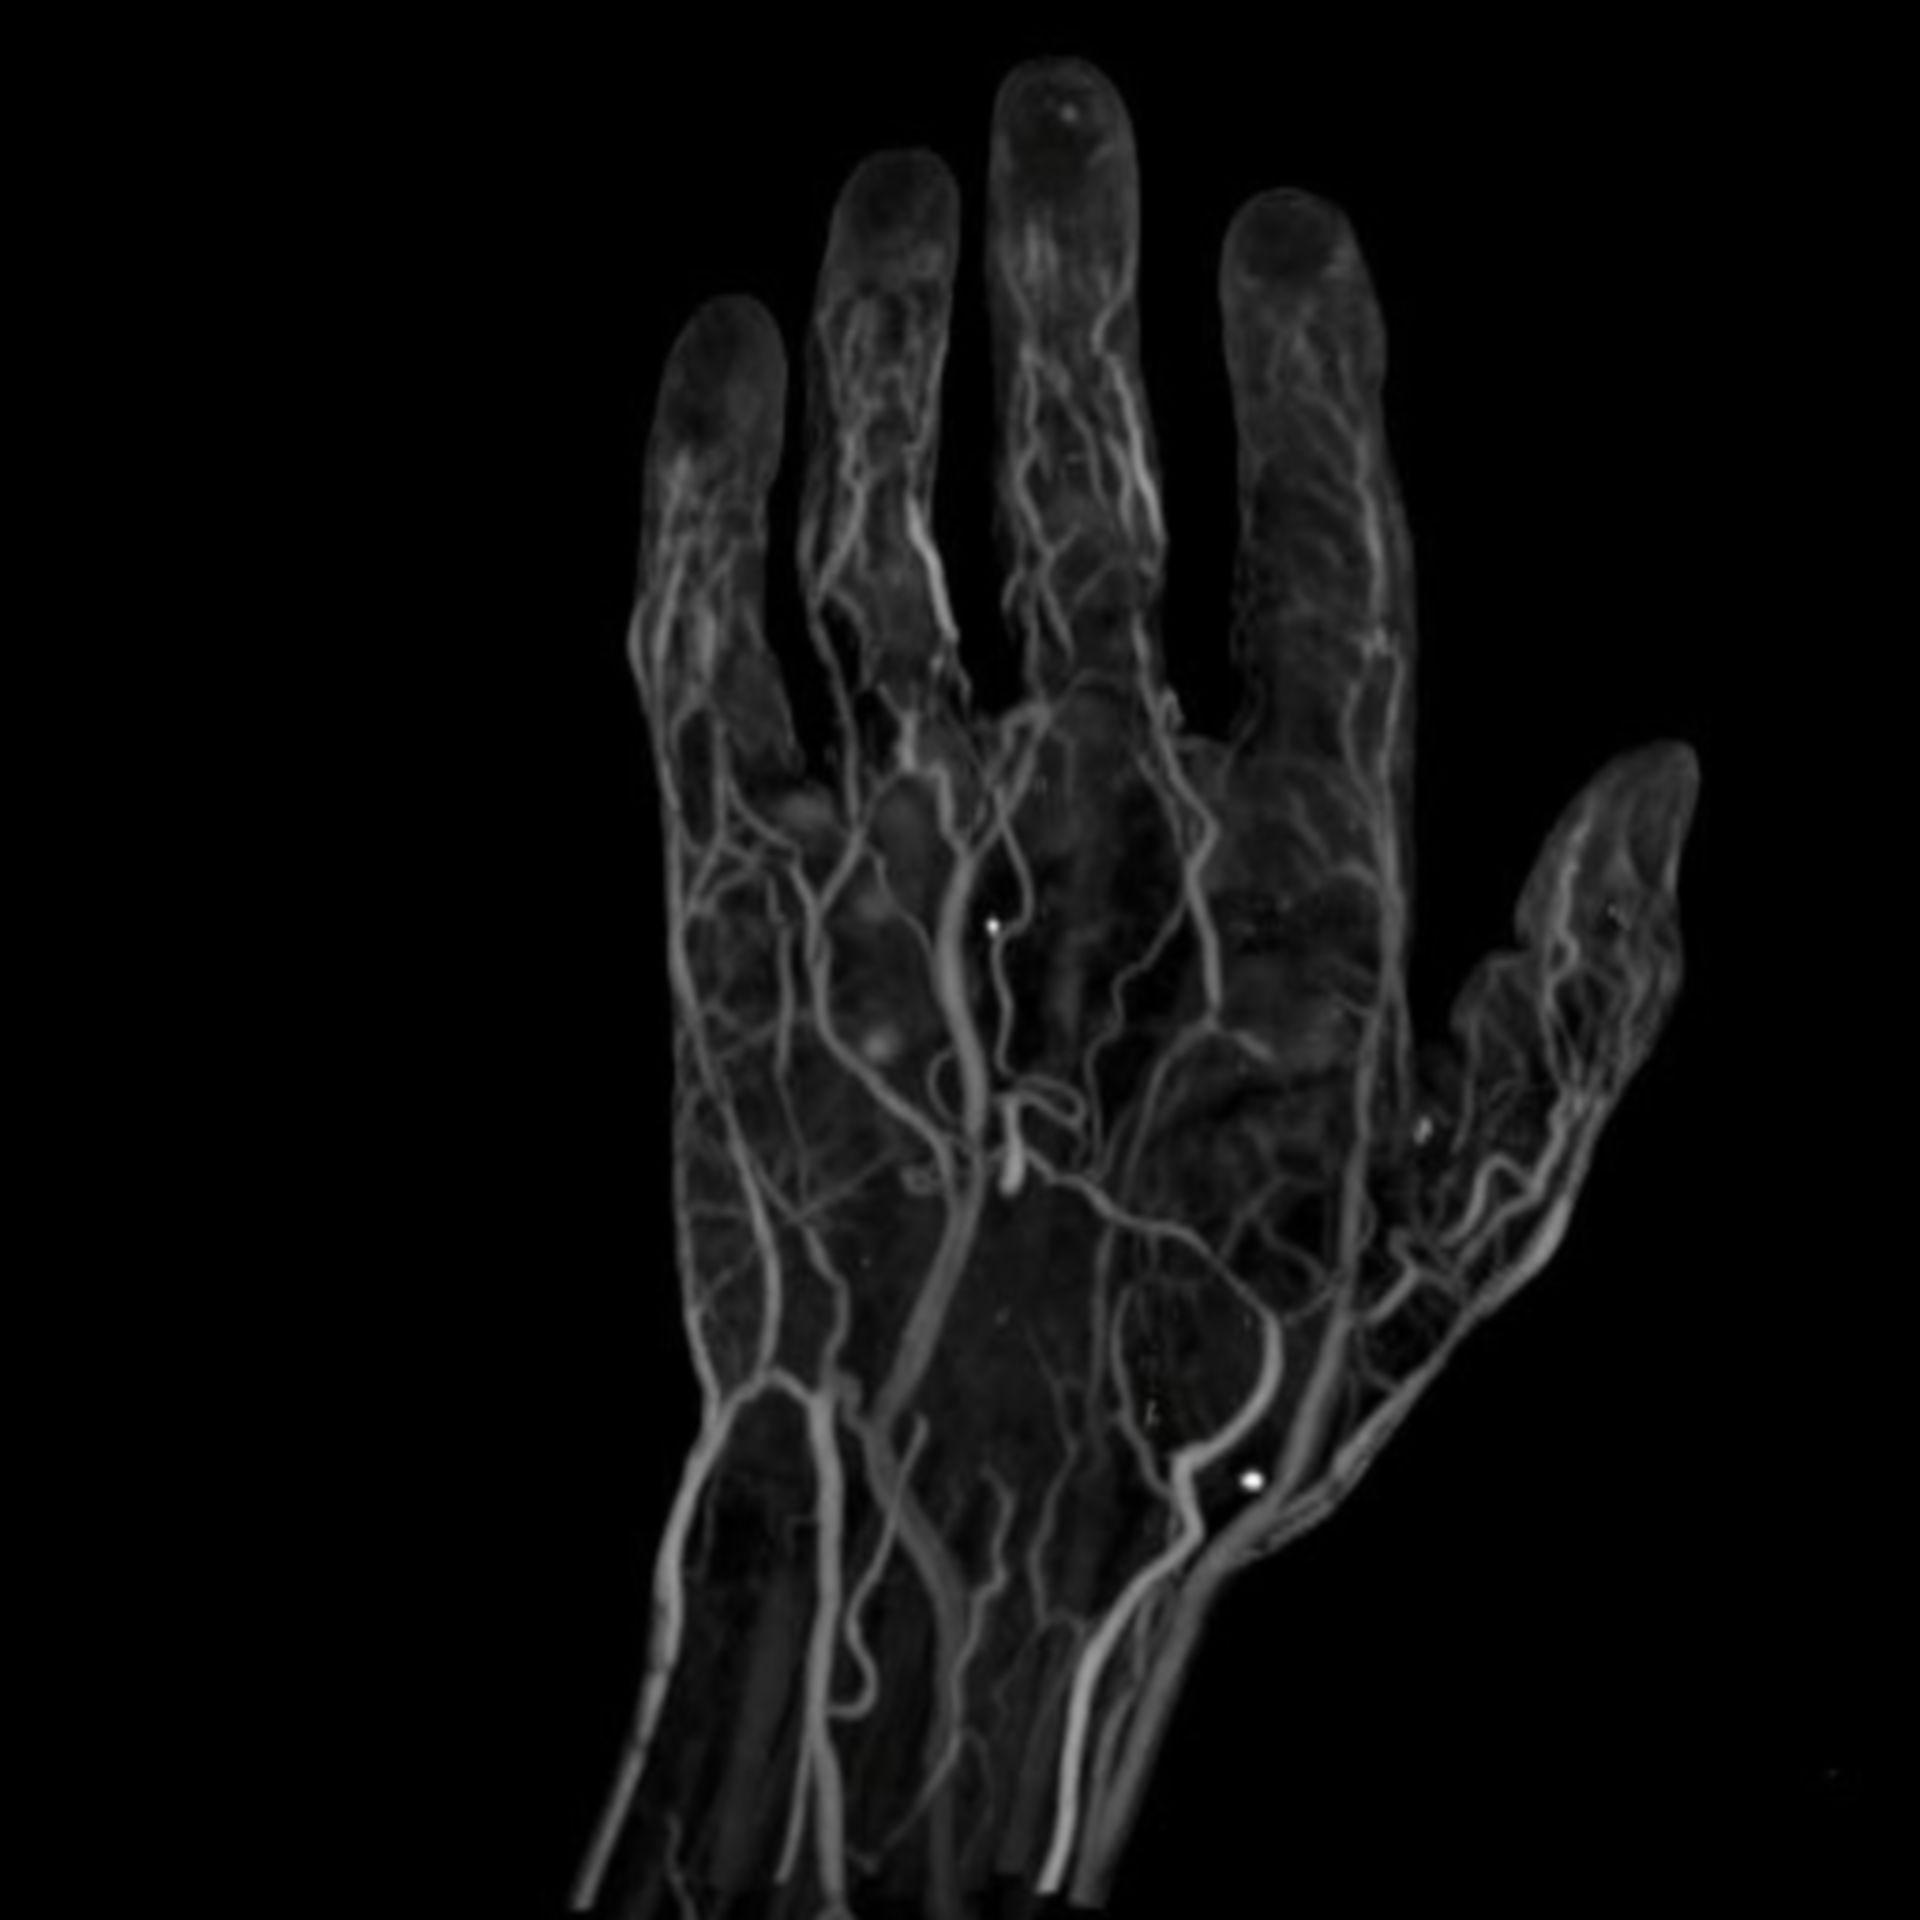 Angiografia della mano